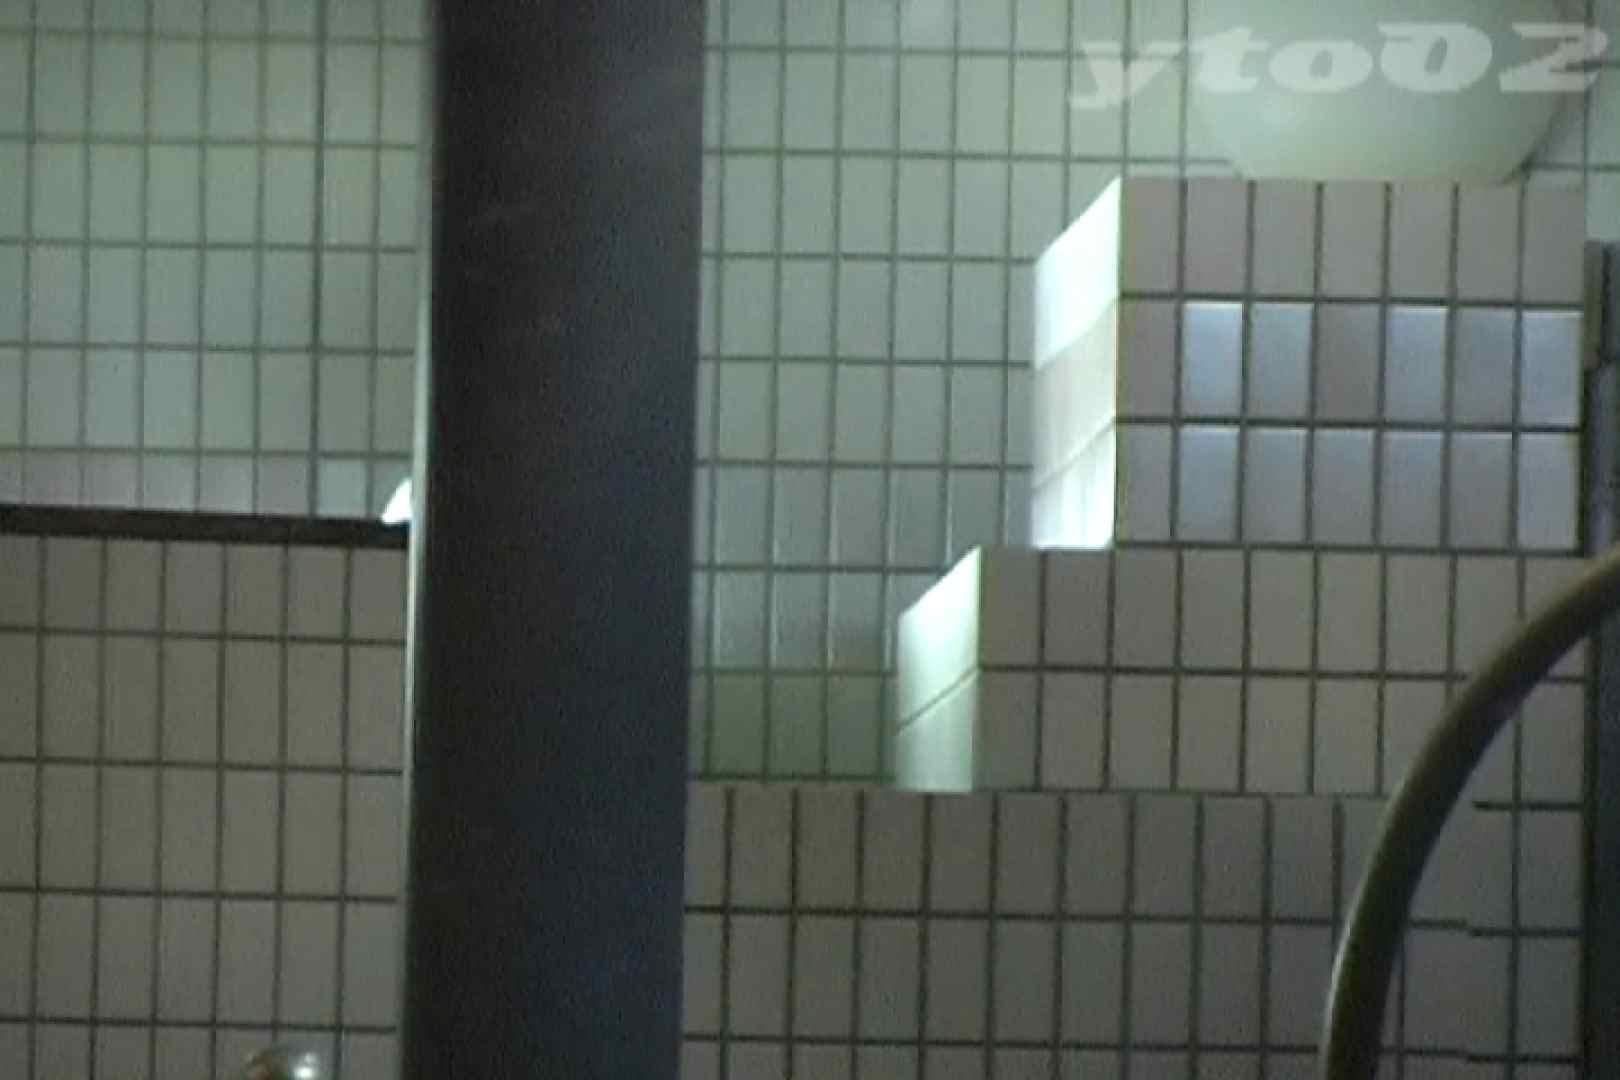 【期間限定配信】合宿ホテル女風呂盗撮 Vol.15 女風呂 戯れ無修正画像 62PIX 33